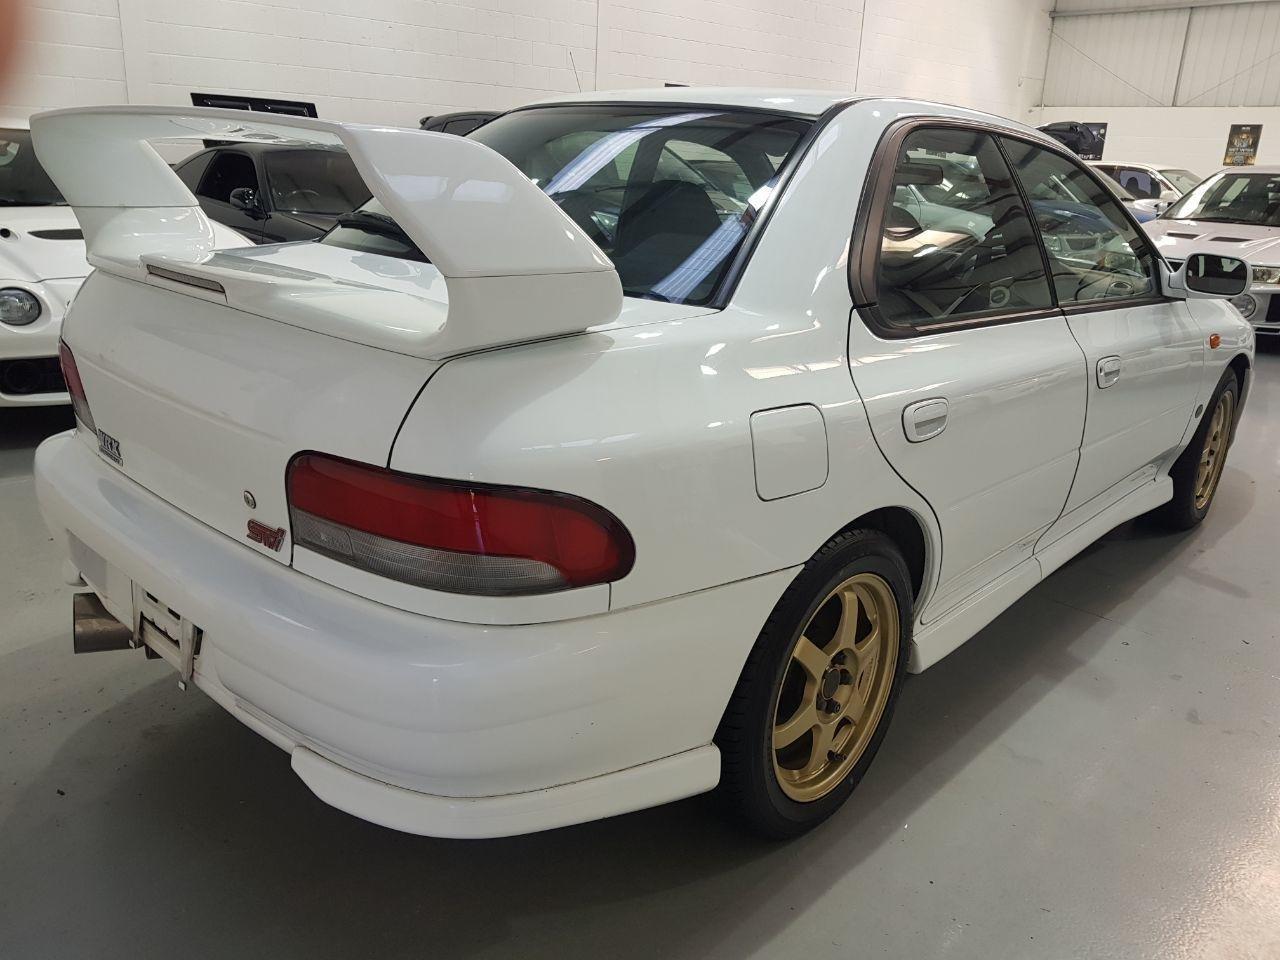 1998 Subaru Impreza 2.0 WRX STI Version 5 - GC8 For Sale (picture 2 of 6)